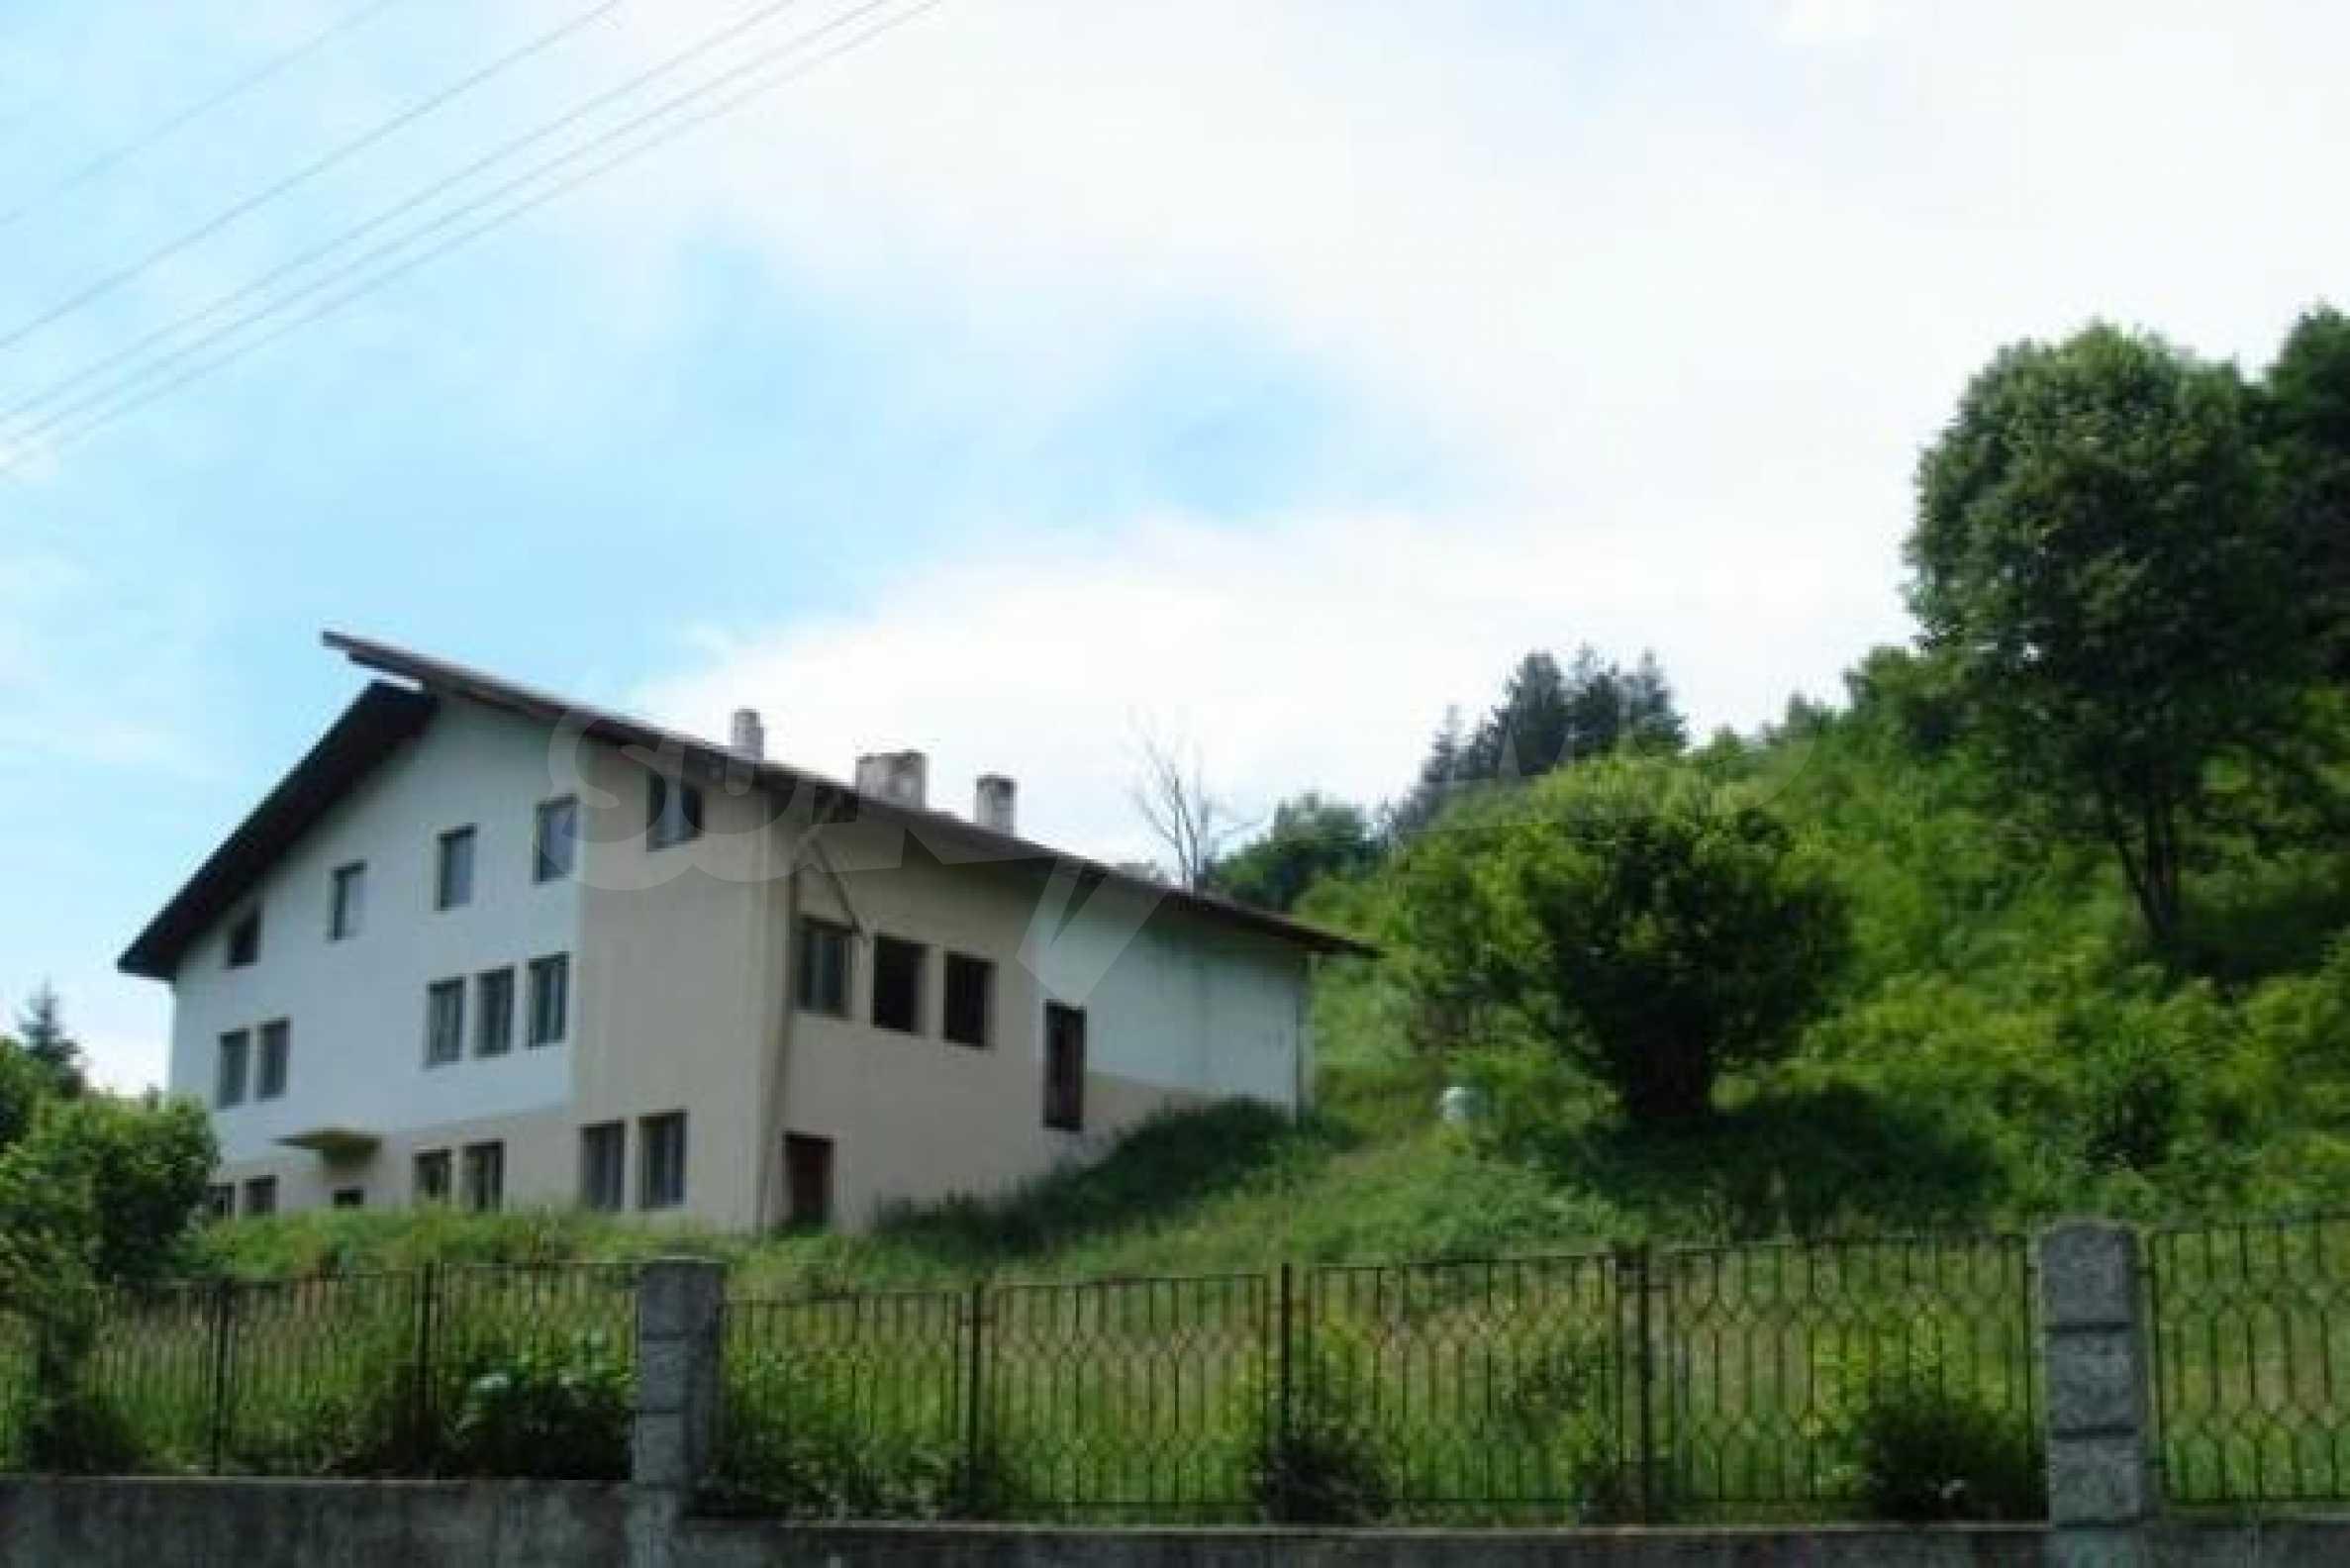 Neugebautes Haus mit Geschäftspotential, nur 6 km von Trjawna entfernt 2